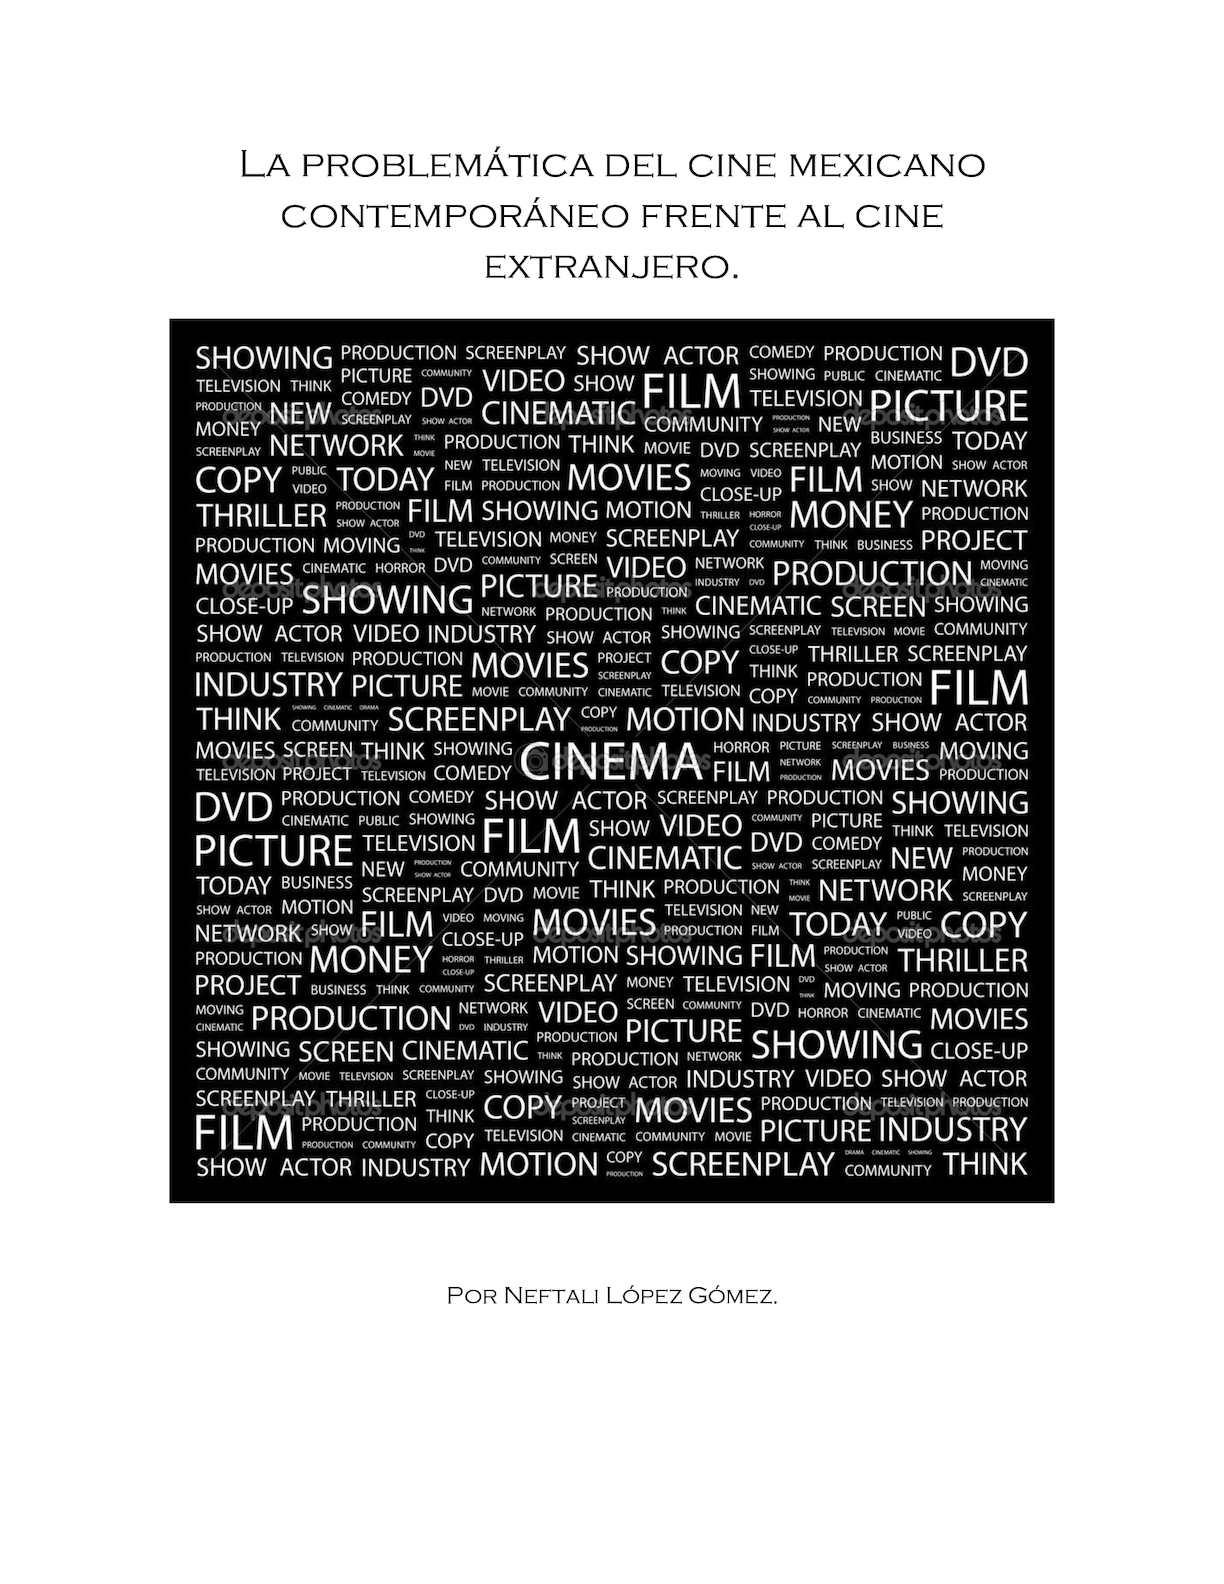 Investigación: La Problemática del cine mexicano contemporáneo frente al cine extranjero.